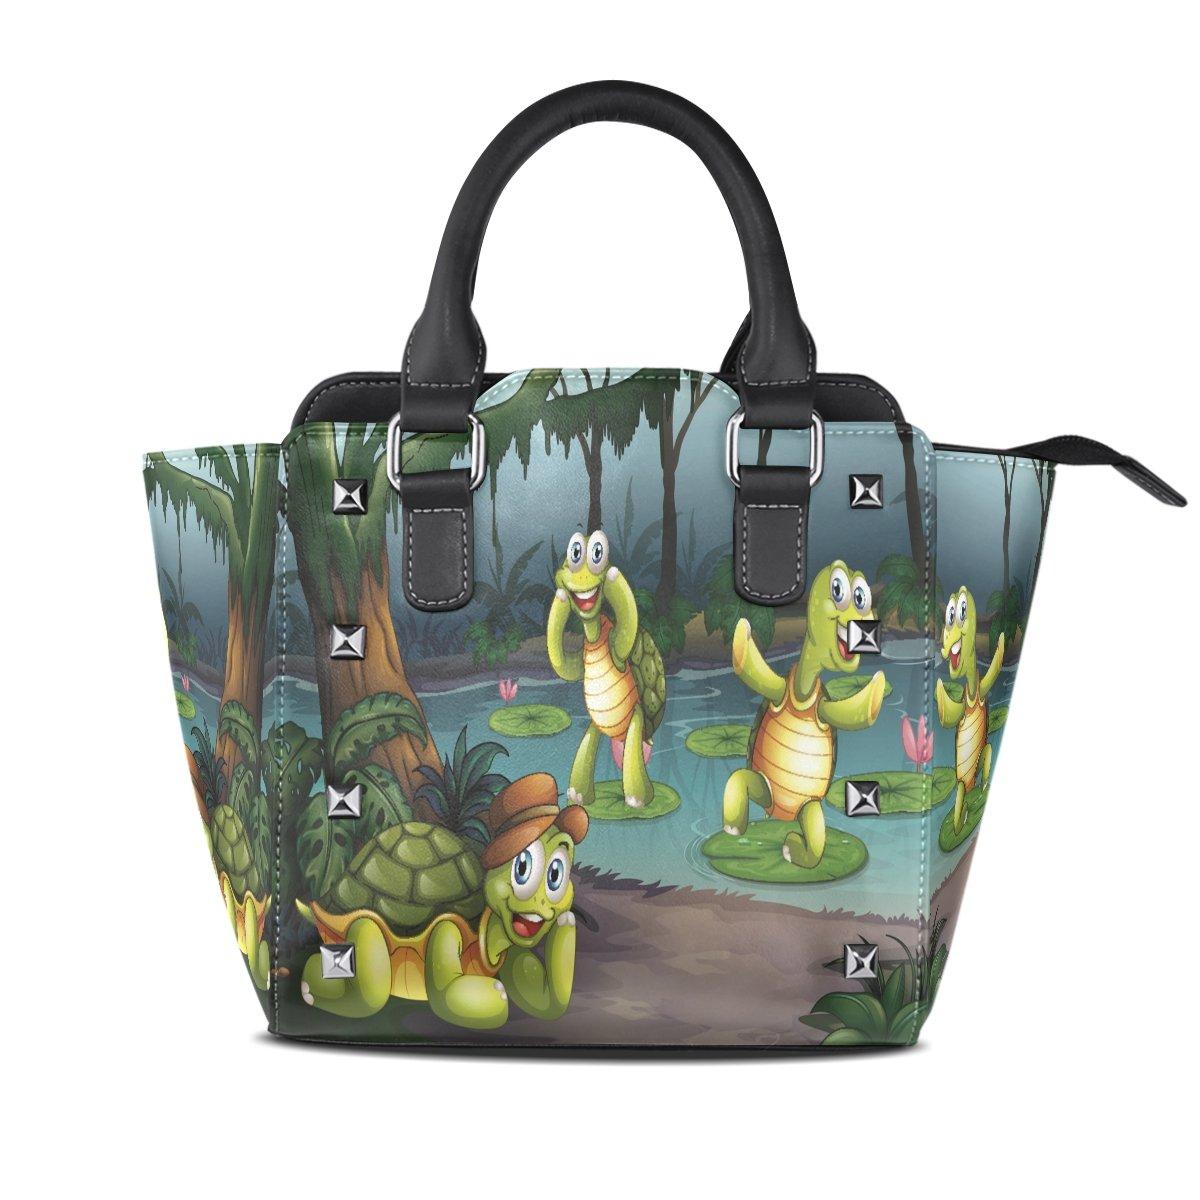 Ladies Genuine Leather Tote Bags Cute Tortoise Womens Hangbags Shoulder Bags